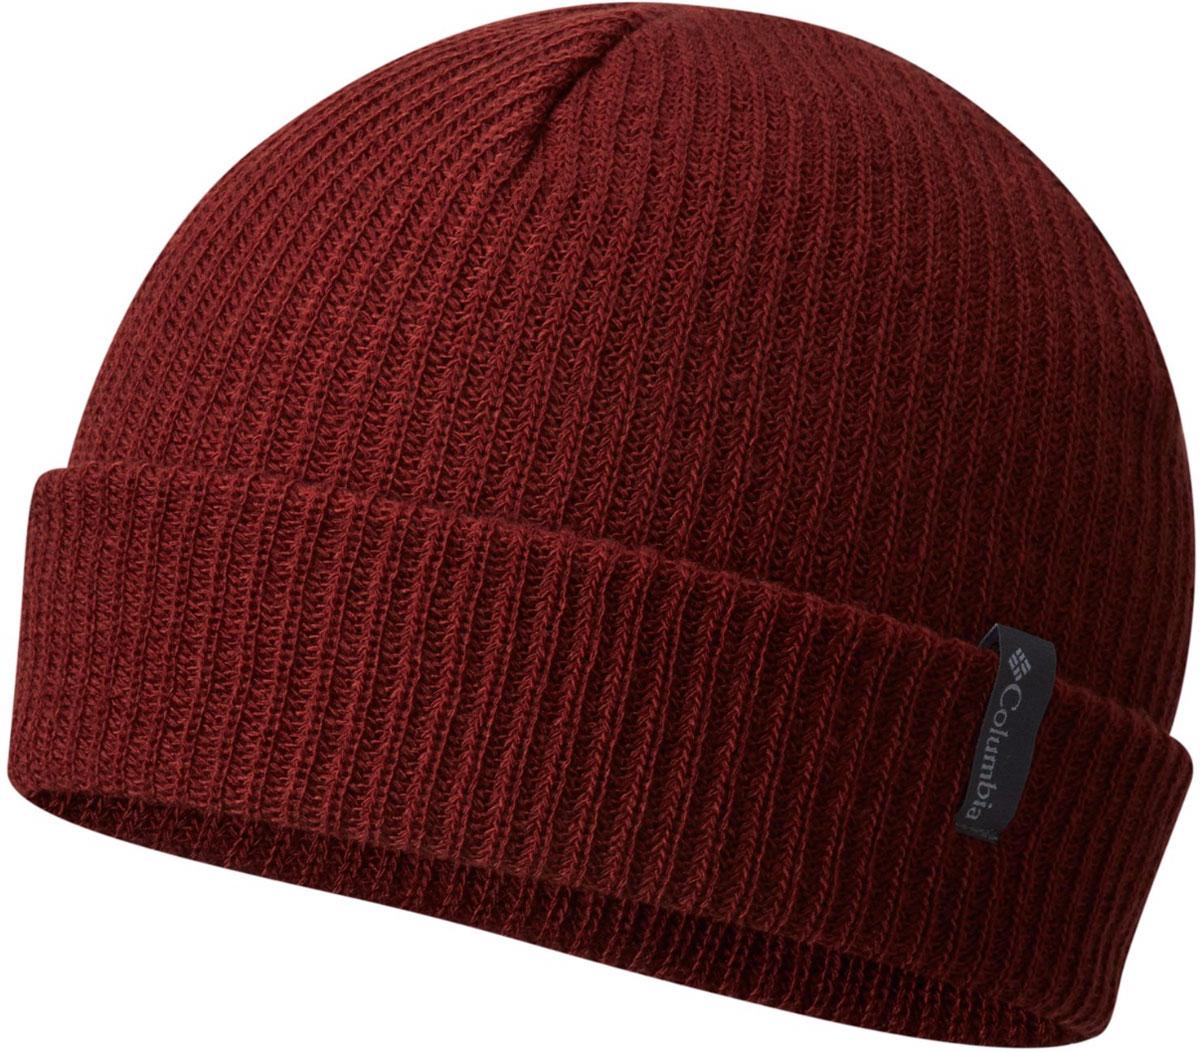 Шапка Columbia Ale Creek Beanie Hat, цвет: бордовый. 1682201-837. Размер универсальный1682201-837Классическая шапка Columbia Ale Creek Beanie из высококачественного акрила. Выполнена модель в лаконичном стиле и дополнена небольшой нашивкой с названием бренда. Прекрасный выбор для повседневной носки и для зимних видов спорта.